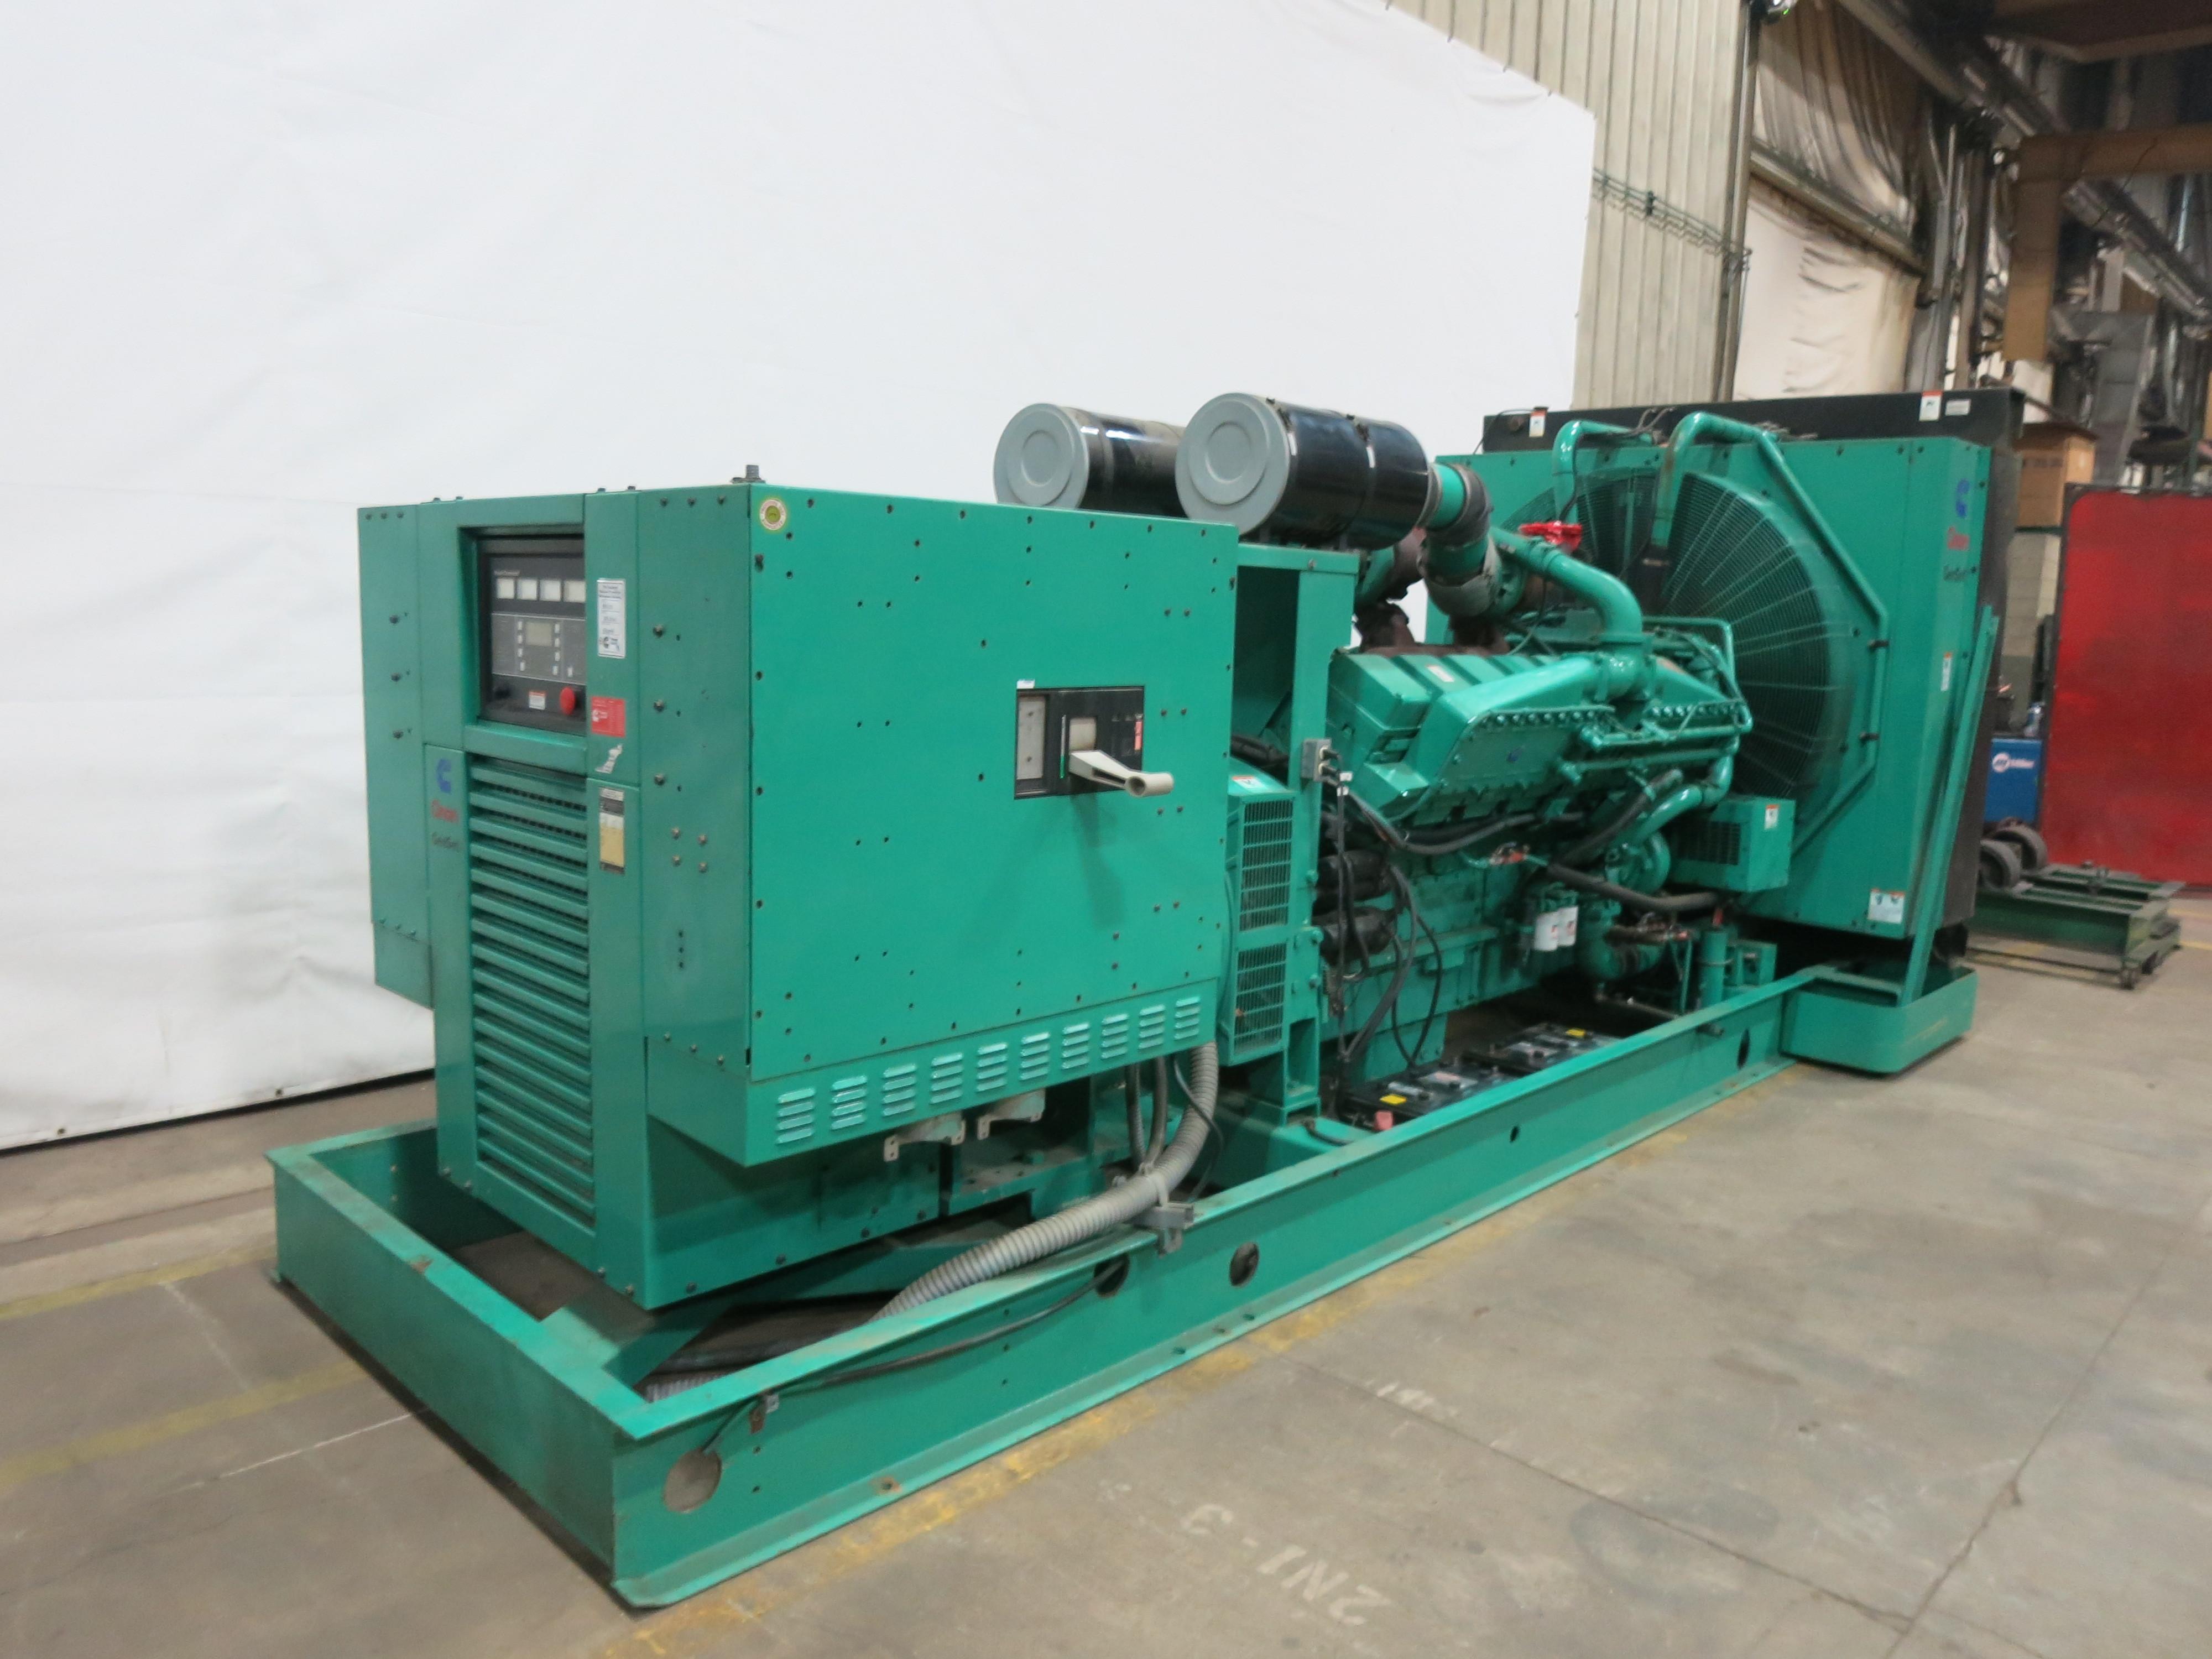 Used Cummins DFLC KTA50-G3 Diesel Generator   367 Hrs   1250 KW   0 Price    CSDG